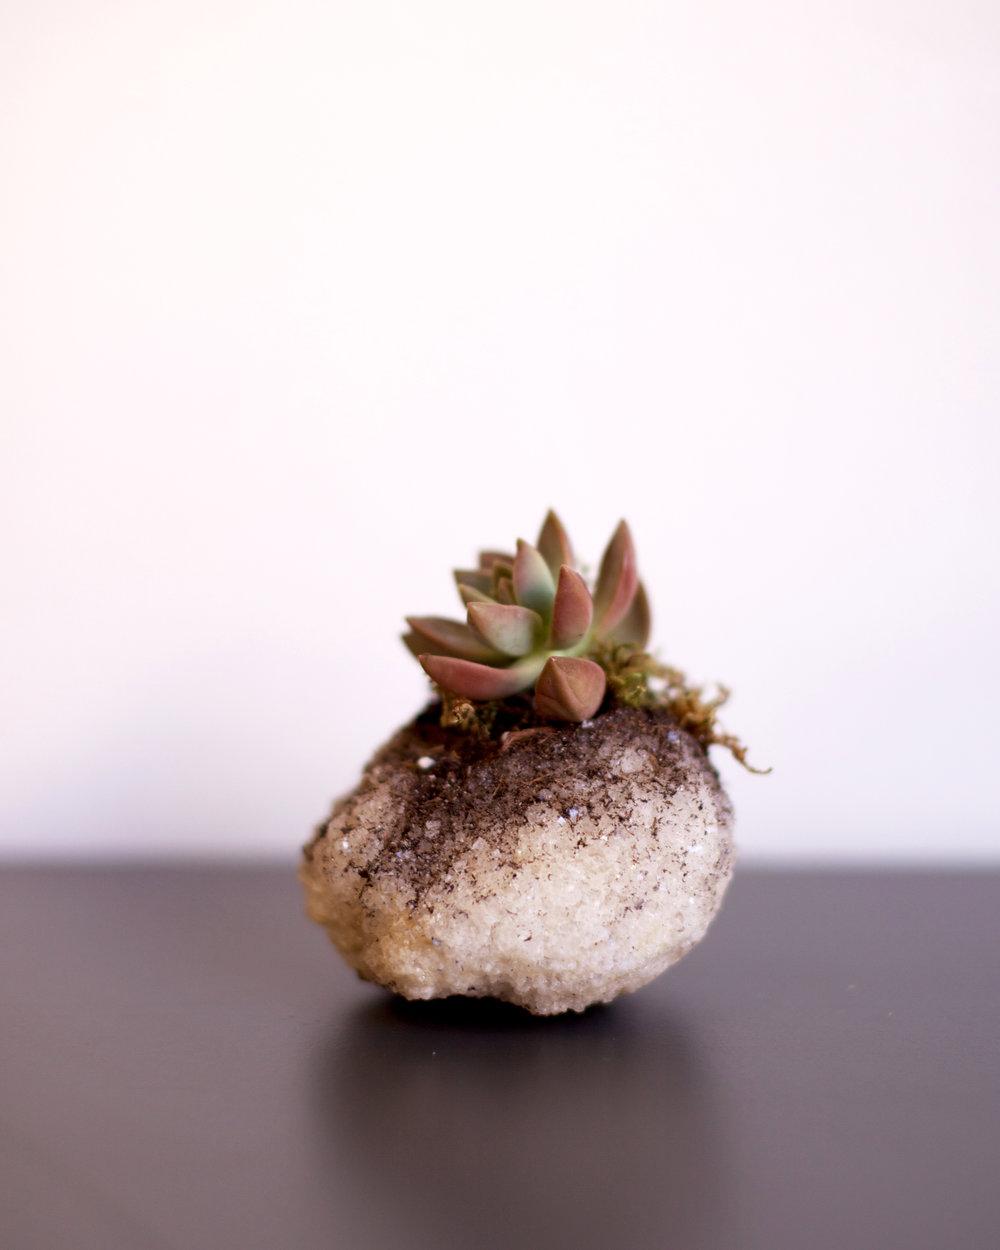 saltsucculent (1 of 1).jpg